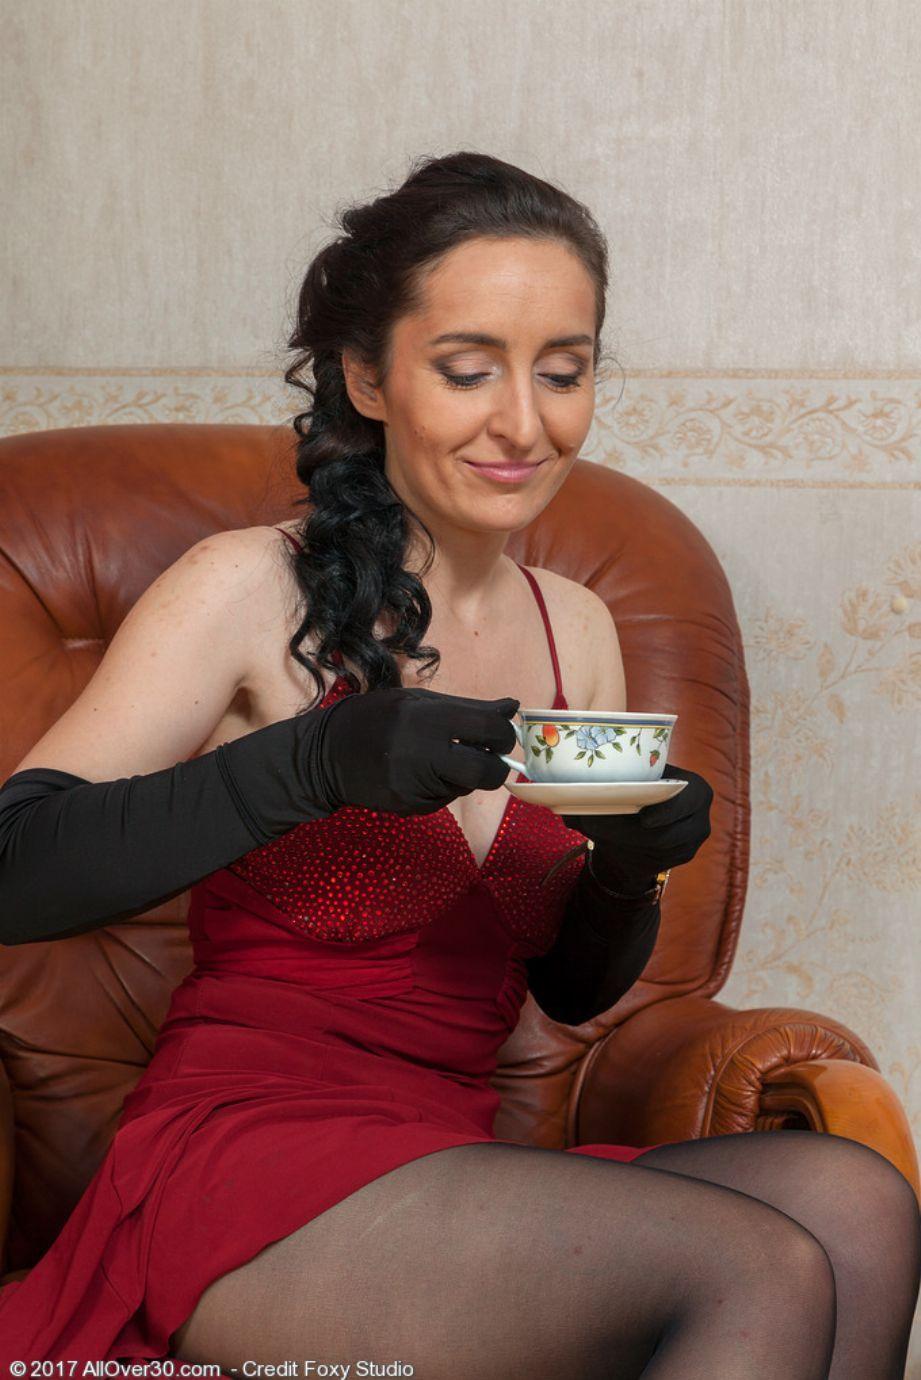 Sexy madura se hace un dedazo antes de tomarse un buen té - foto 2